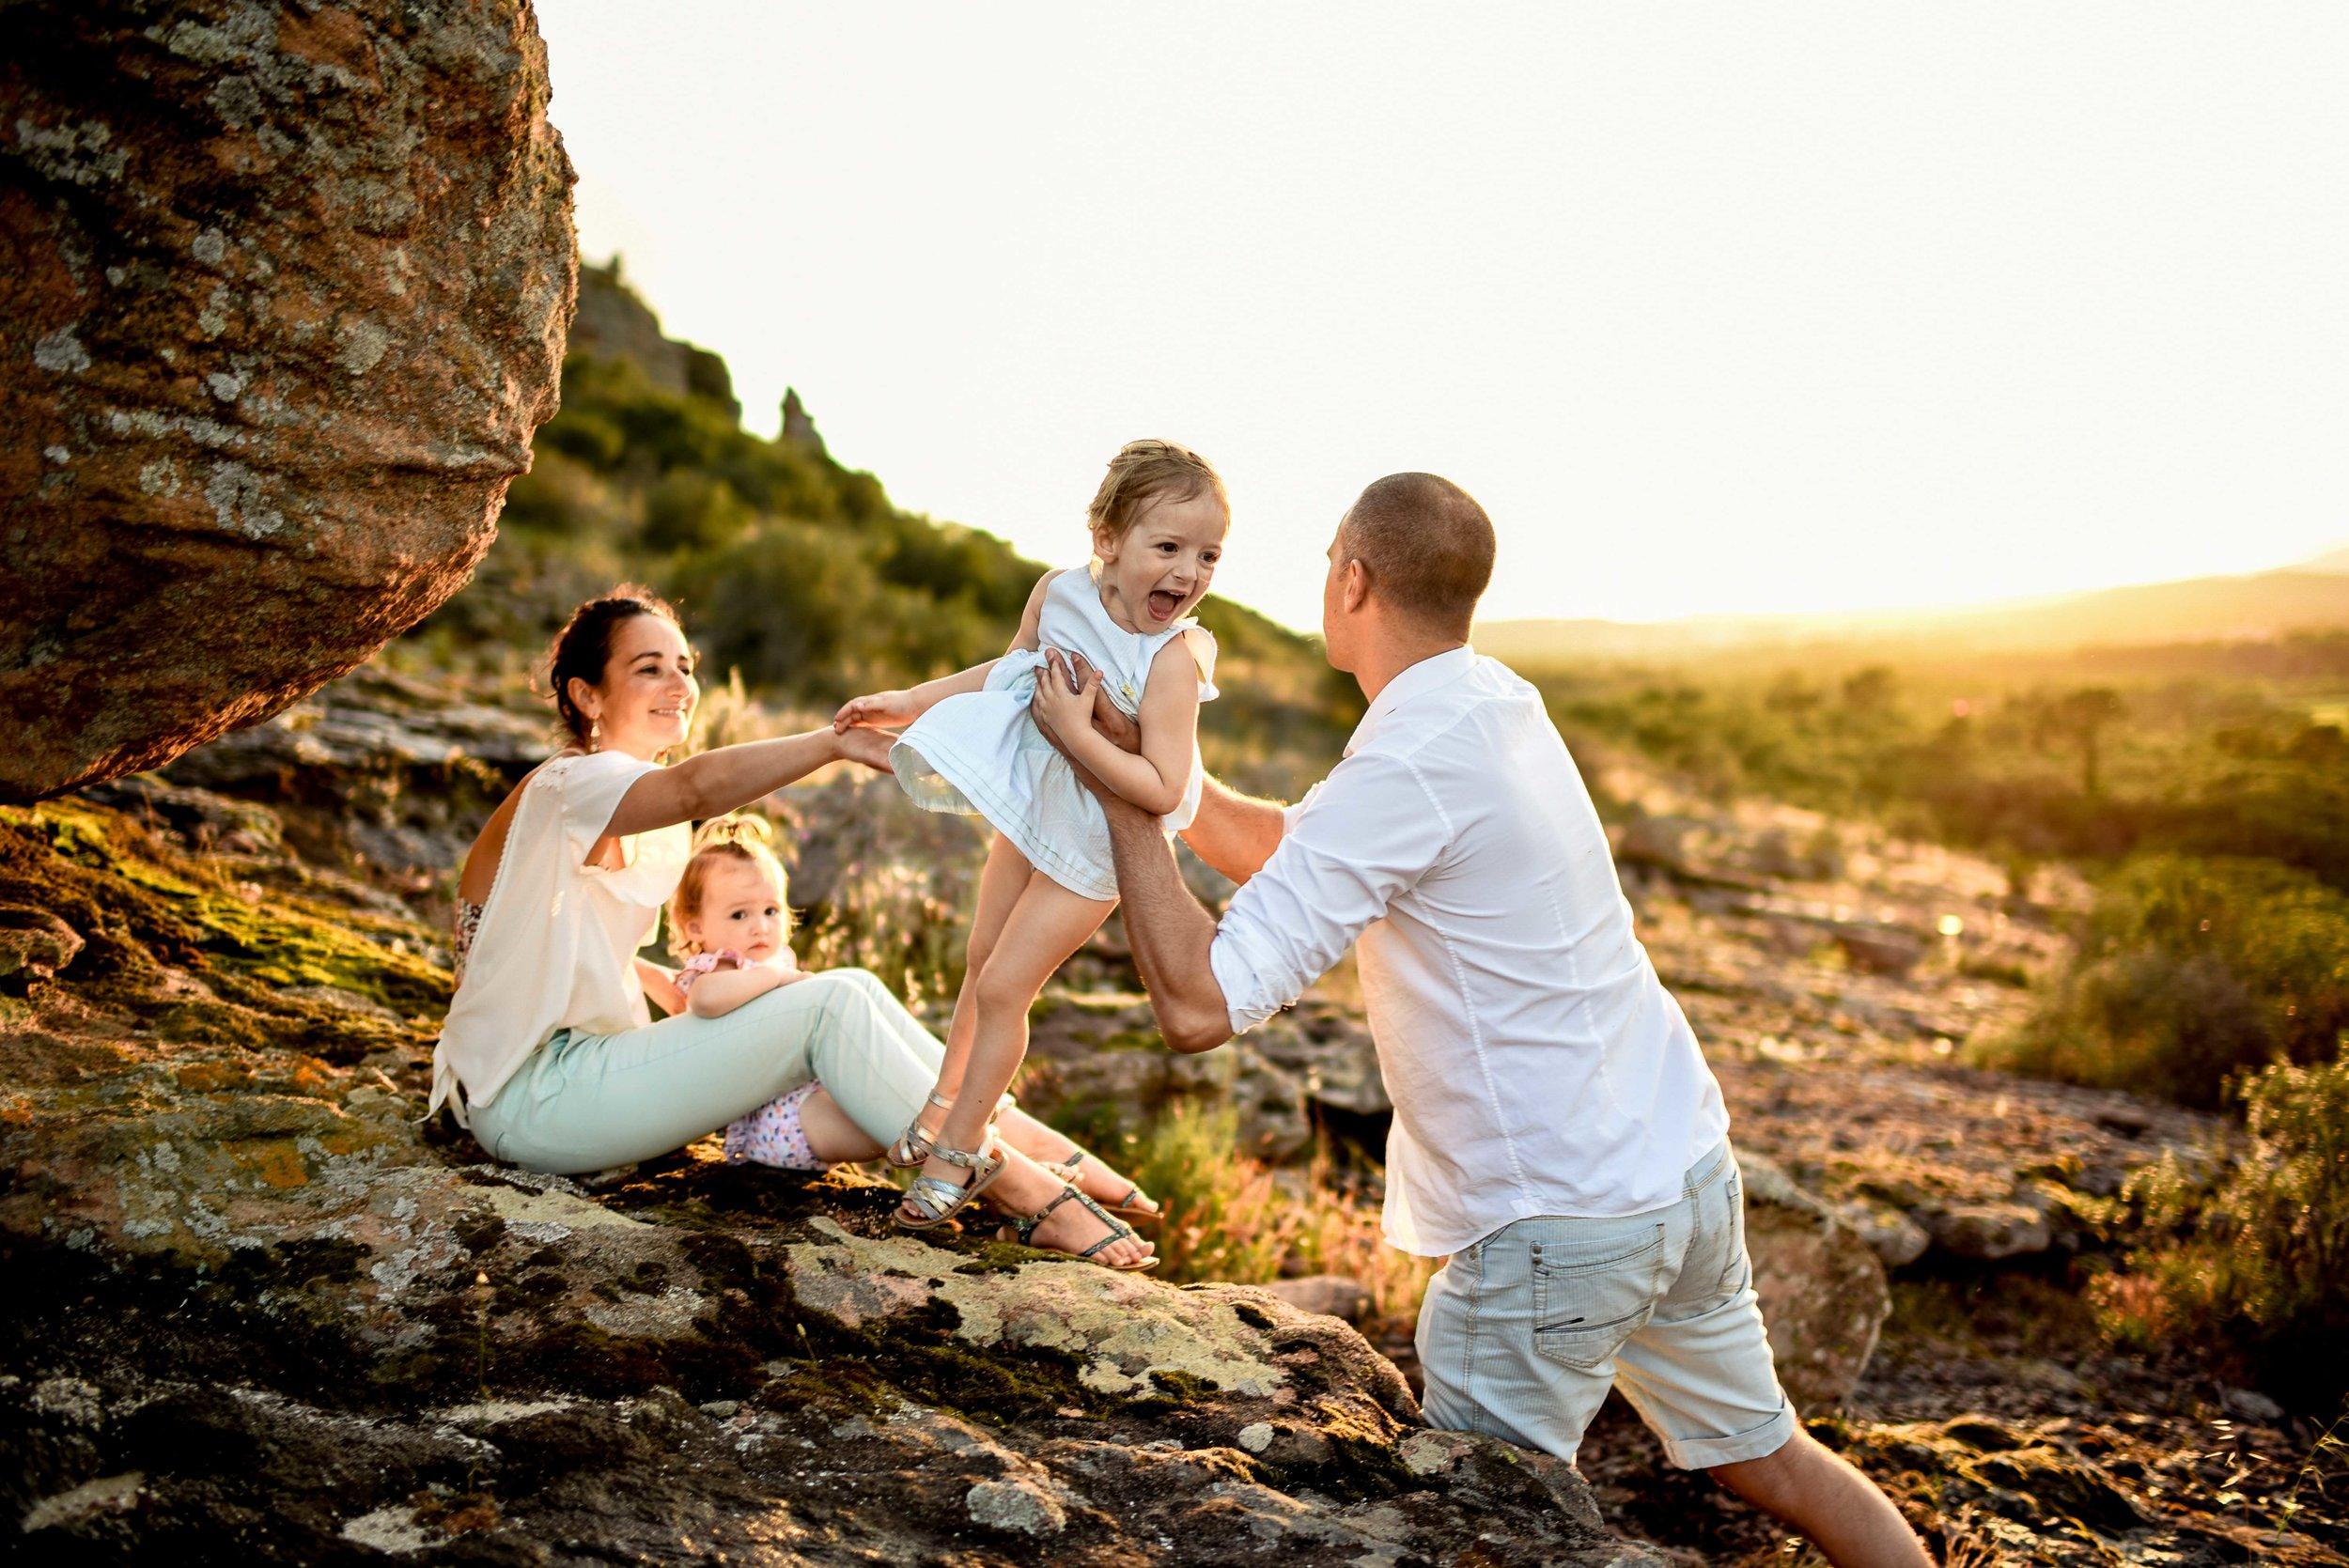 seance-photo-famille-naturelle-et-spontanee-8.jpg